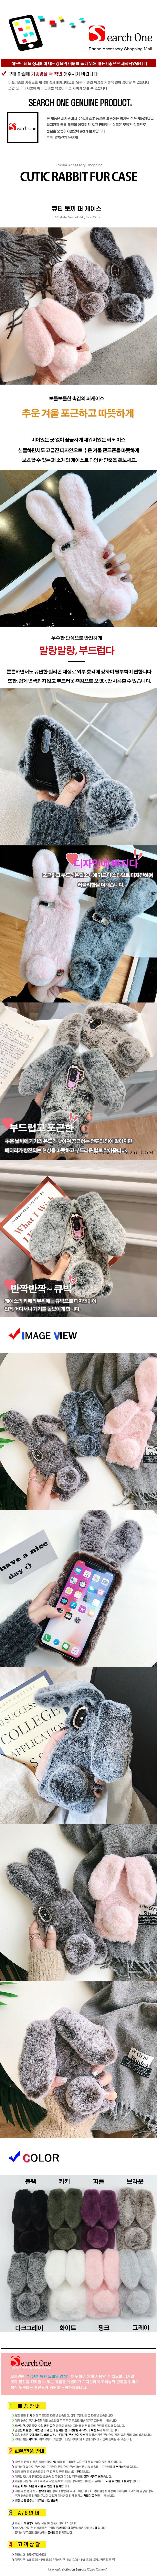 아이폰6/아이폰6S 큐티 토끼 퍼 케이스/블링~블링 - 써치원, 21,500원, 케이스, 아이폰6S/6S플러스